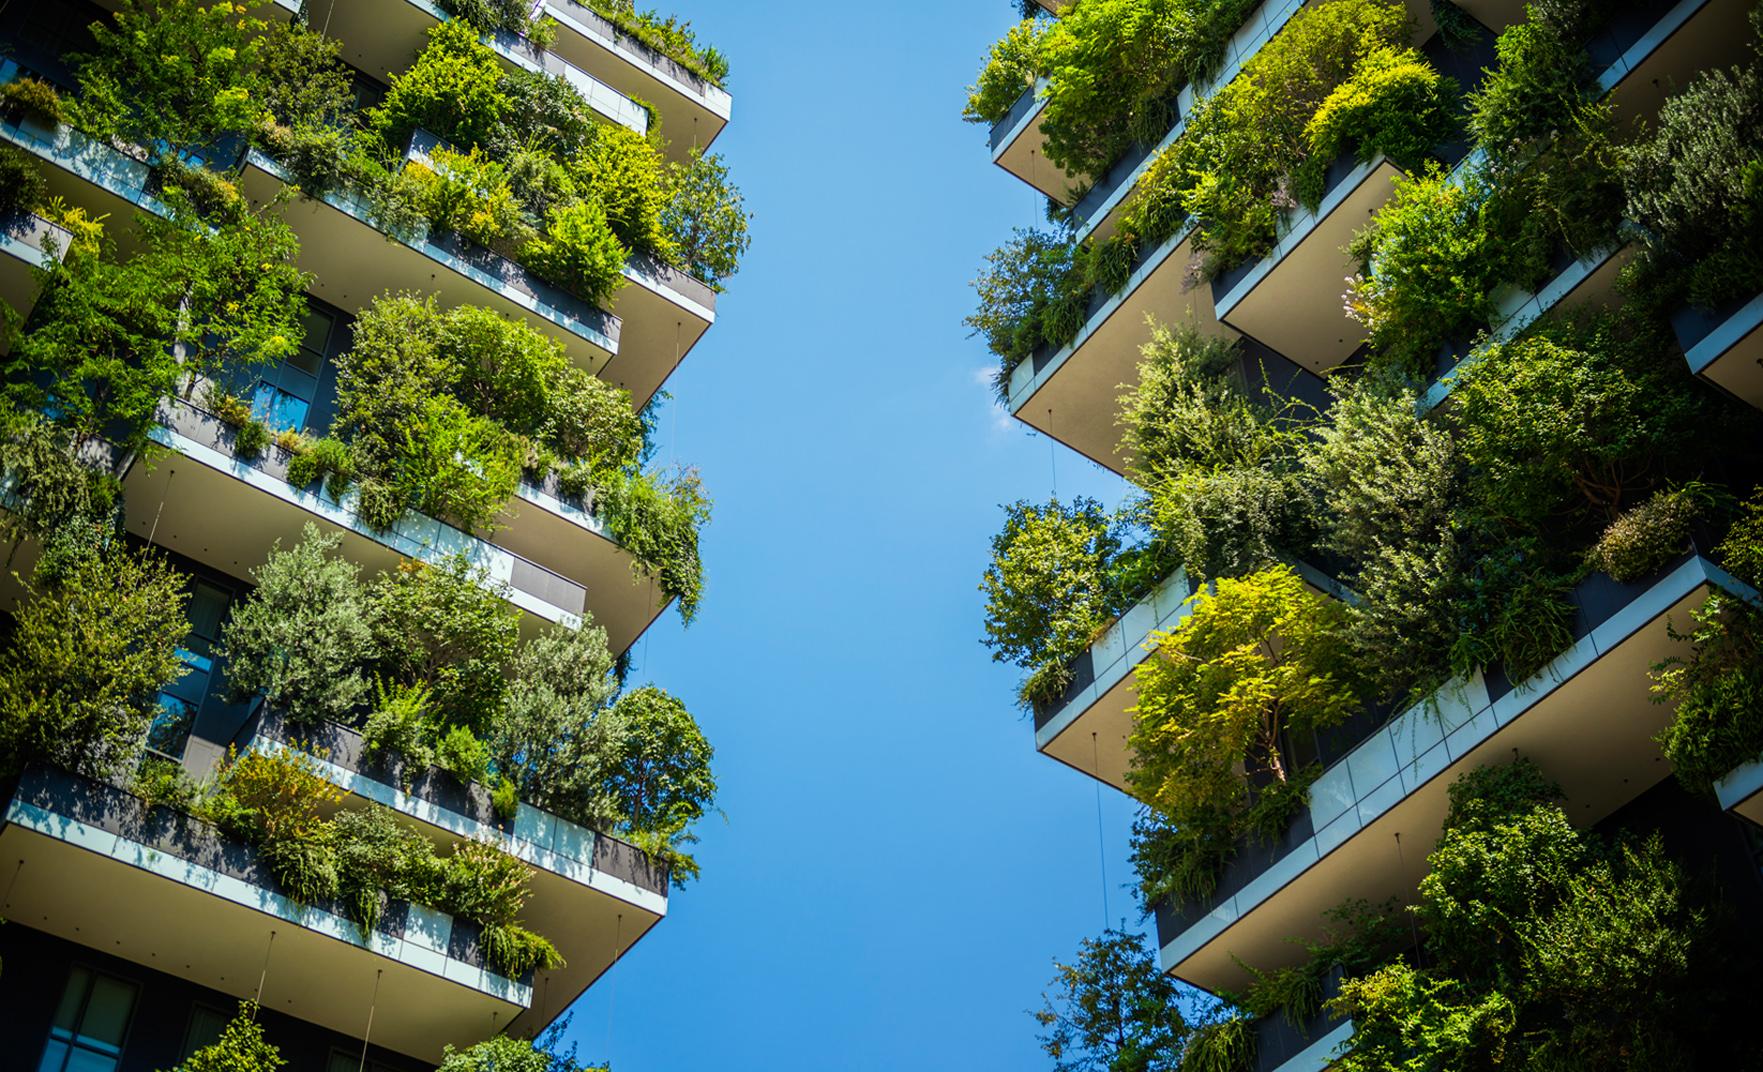 Umweltleistung - was fordert die Norm